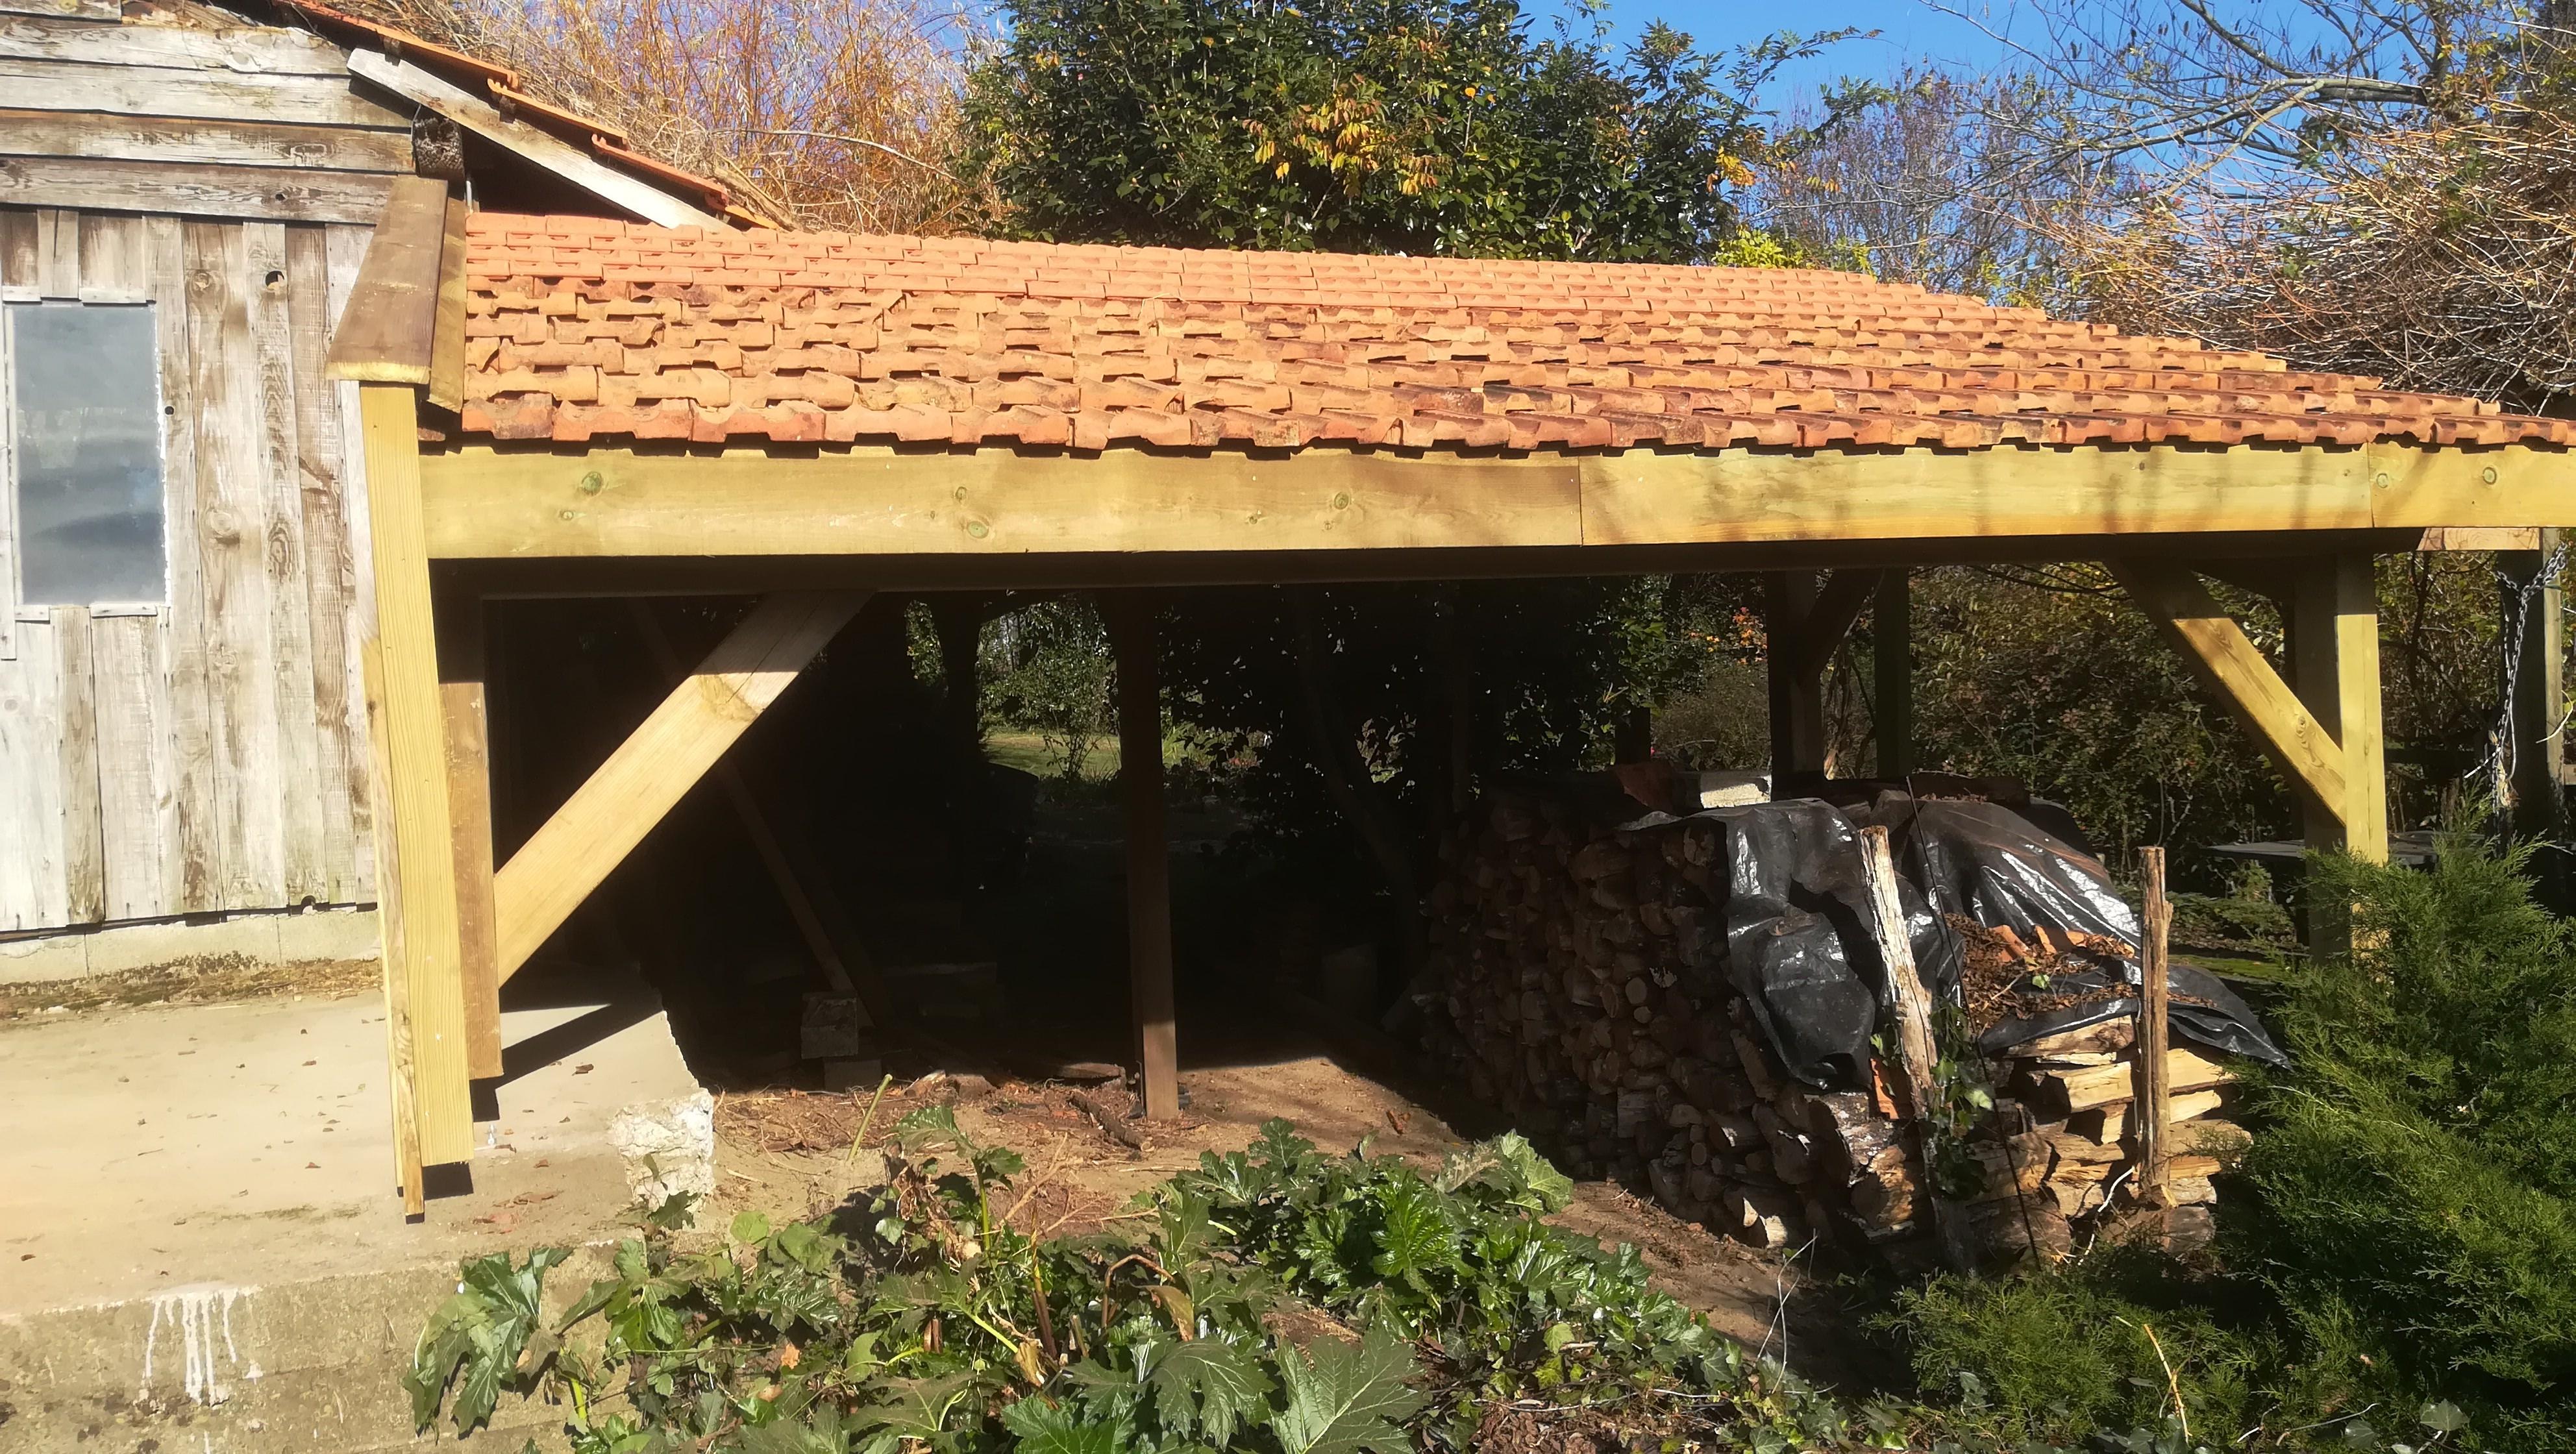 Réfection d'un abri bois sur Misson-Absolu Bois menuiserie